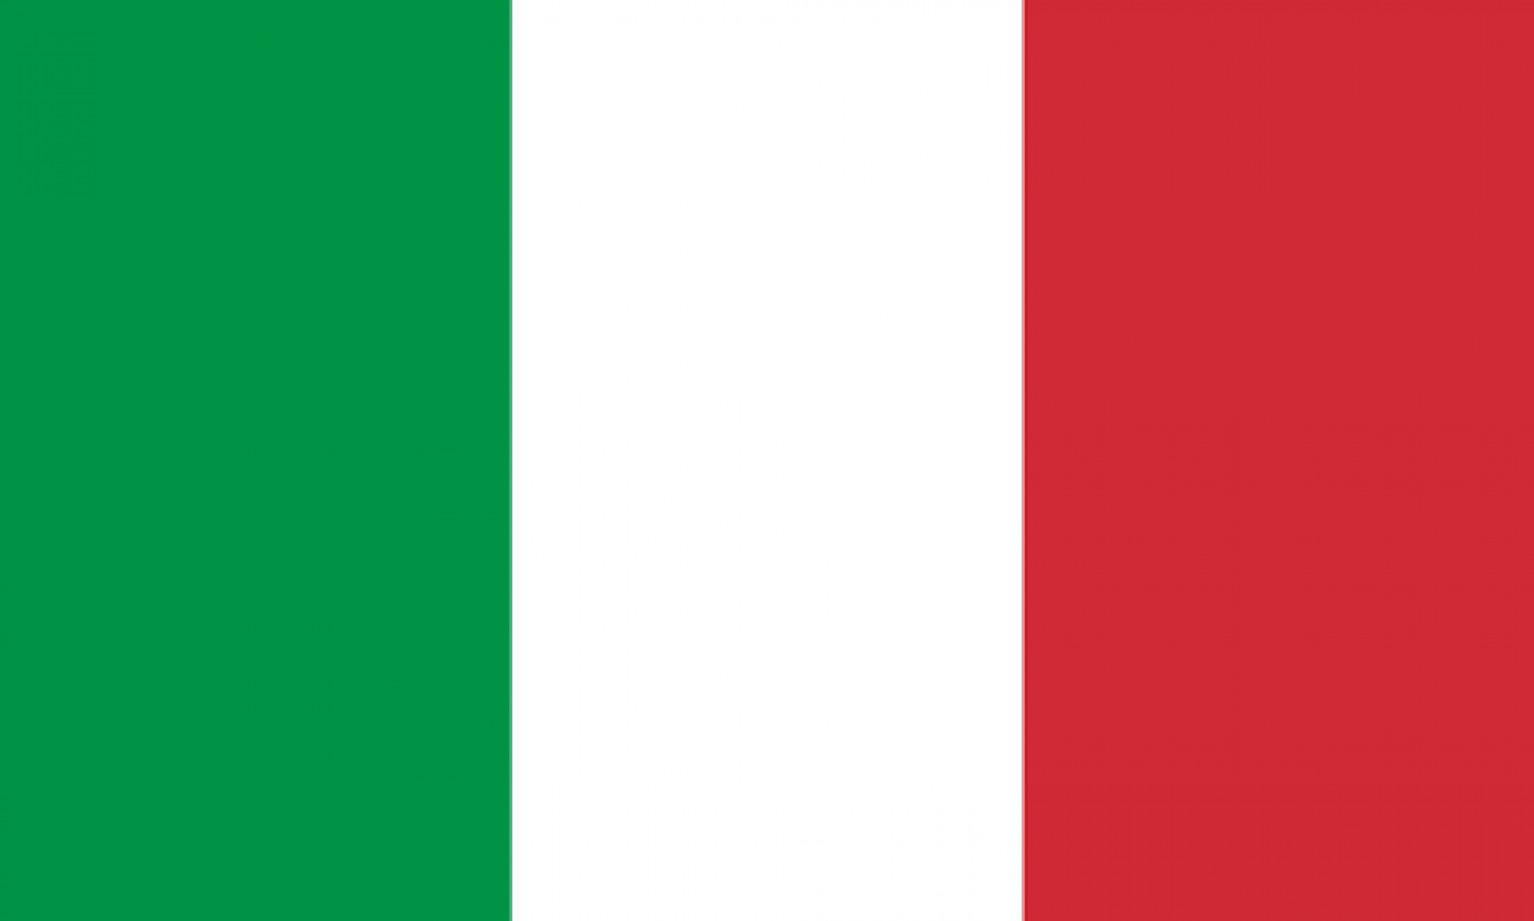 Italian Peer-to-Peer lending platforms and market